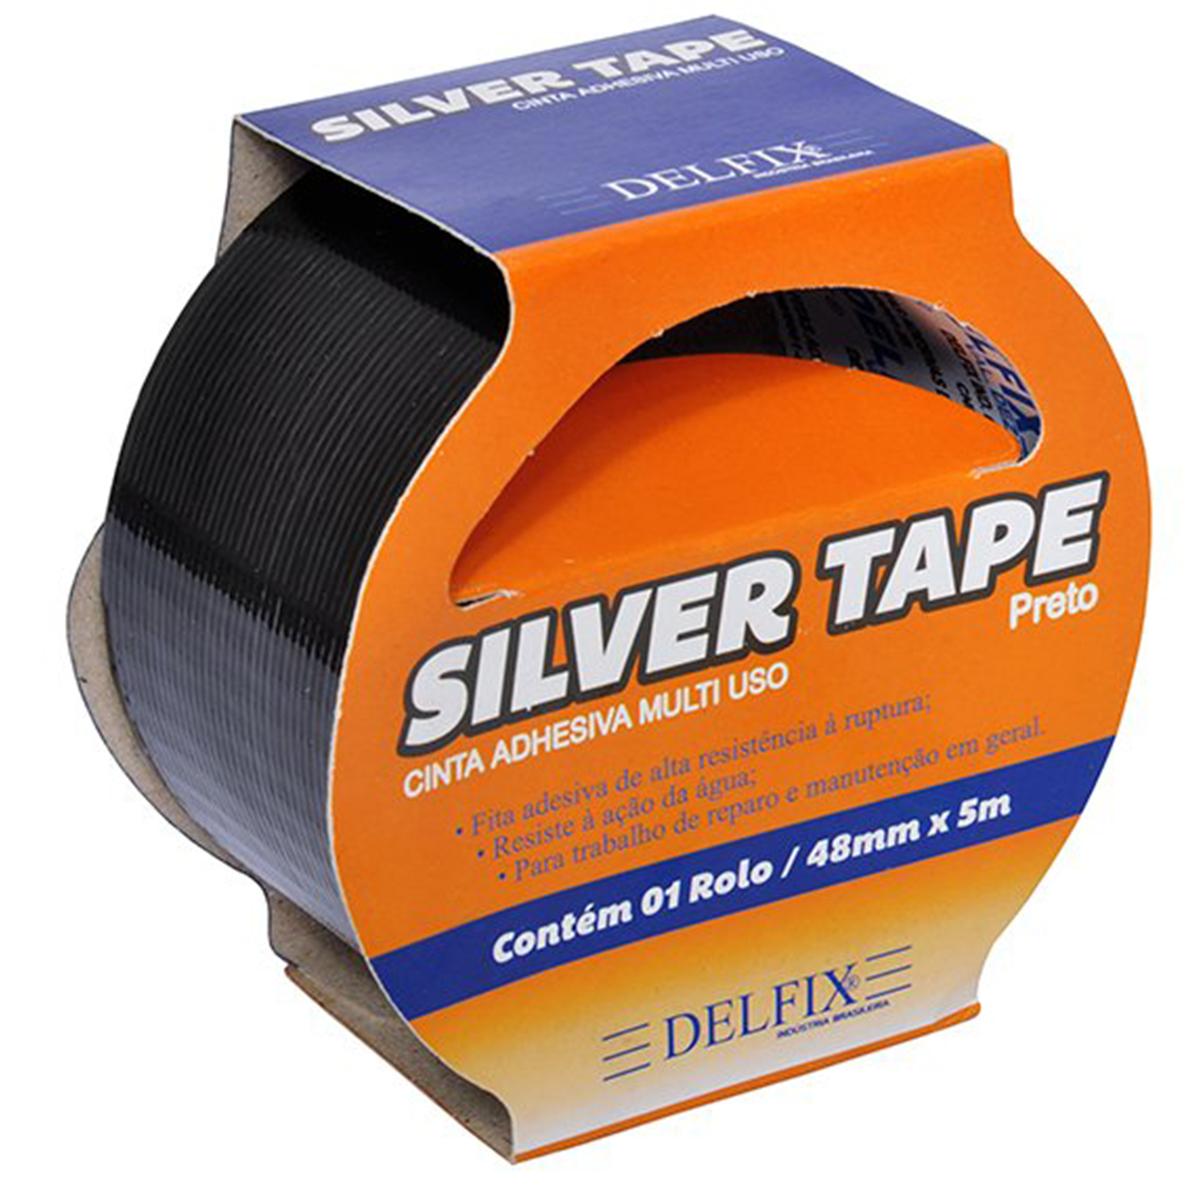 Silver Tape 48mm X 5m Delfix – Preta